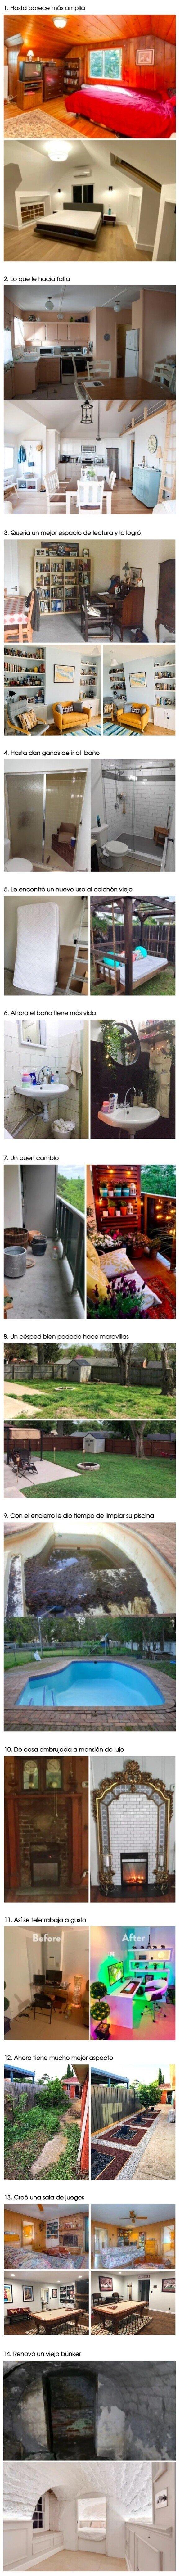 21030 - Personas que aprovecharon la cuarentena para renovar su hogar